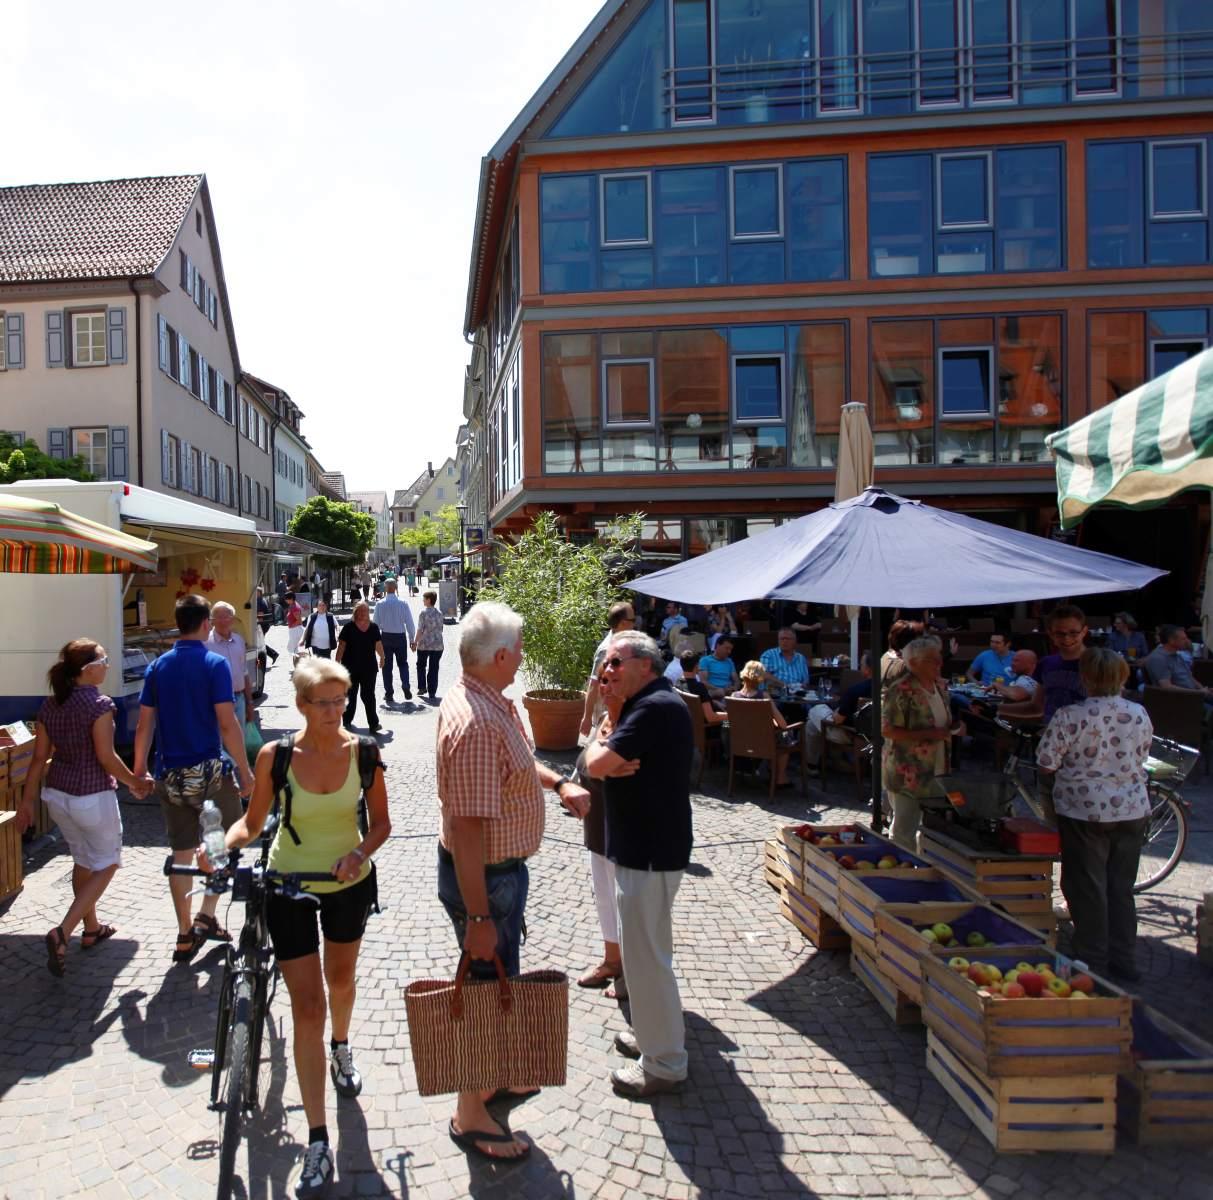 Stadt Bad Saulgau :: Ein Herzliches Grüß Gott Aus Bad Saulgau